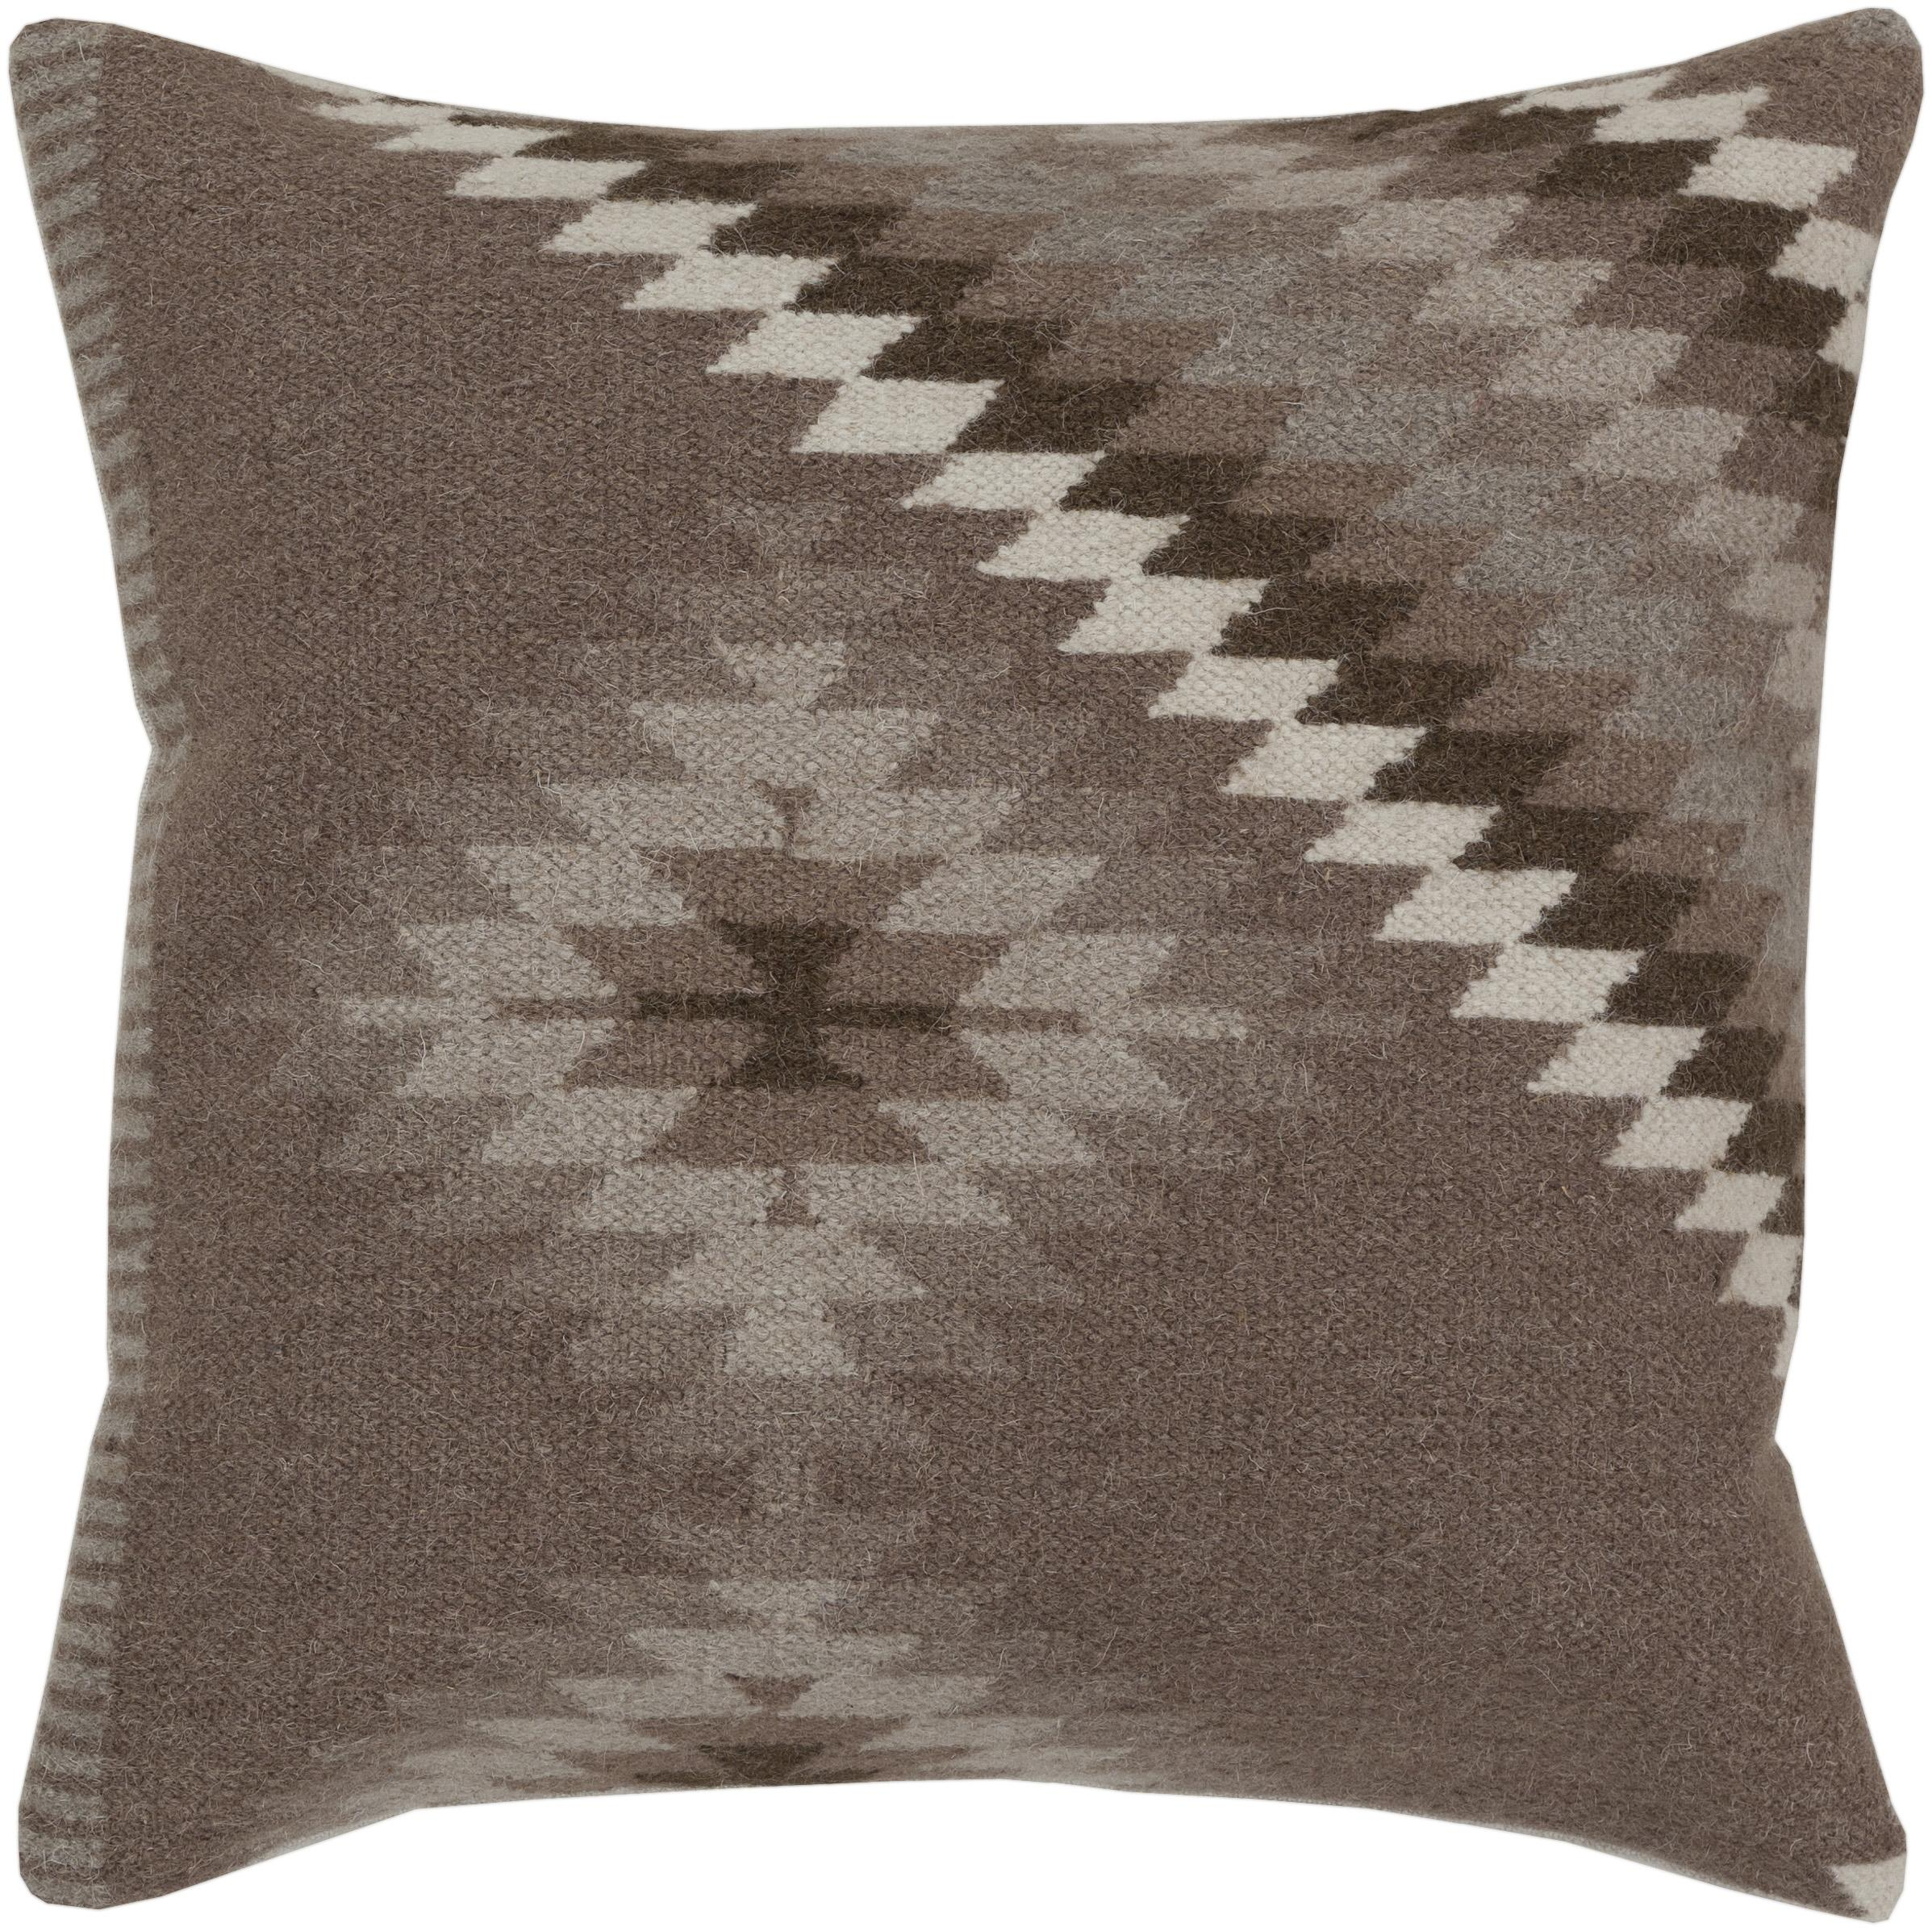 """Surya Pillows 22"""" x 22"""" Pillow - Item Number: LD038-2222P"""